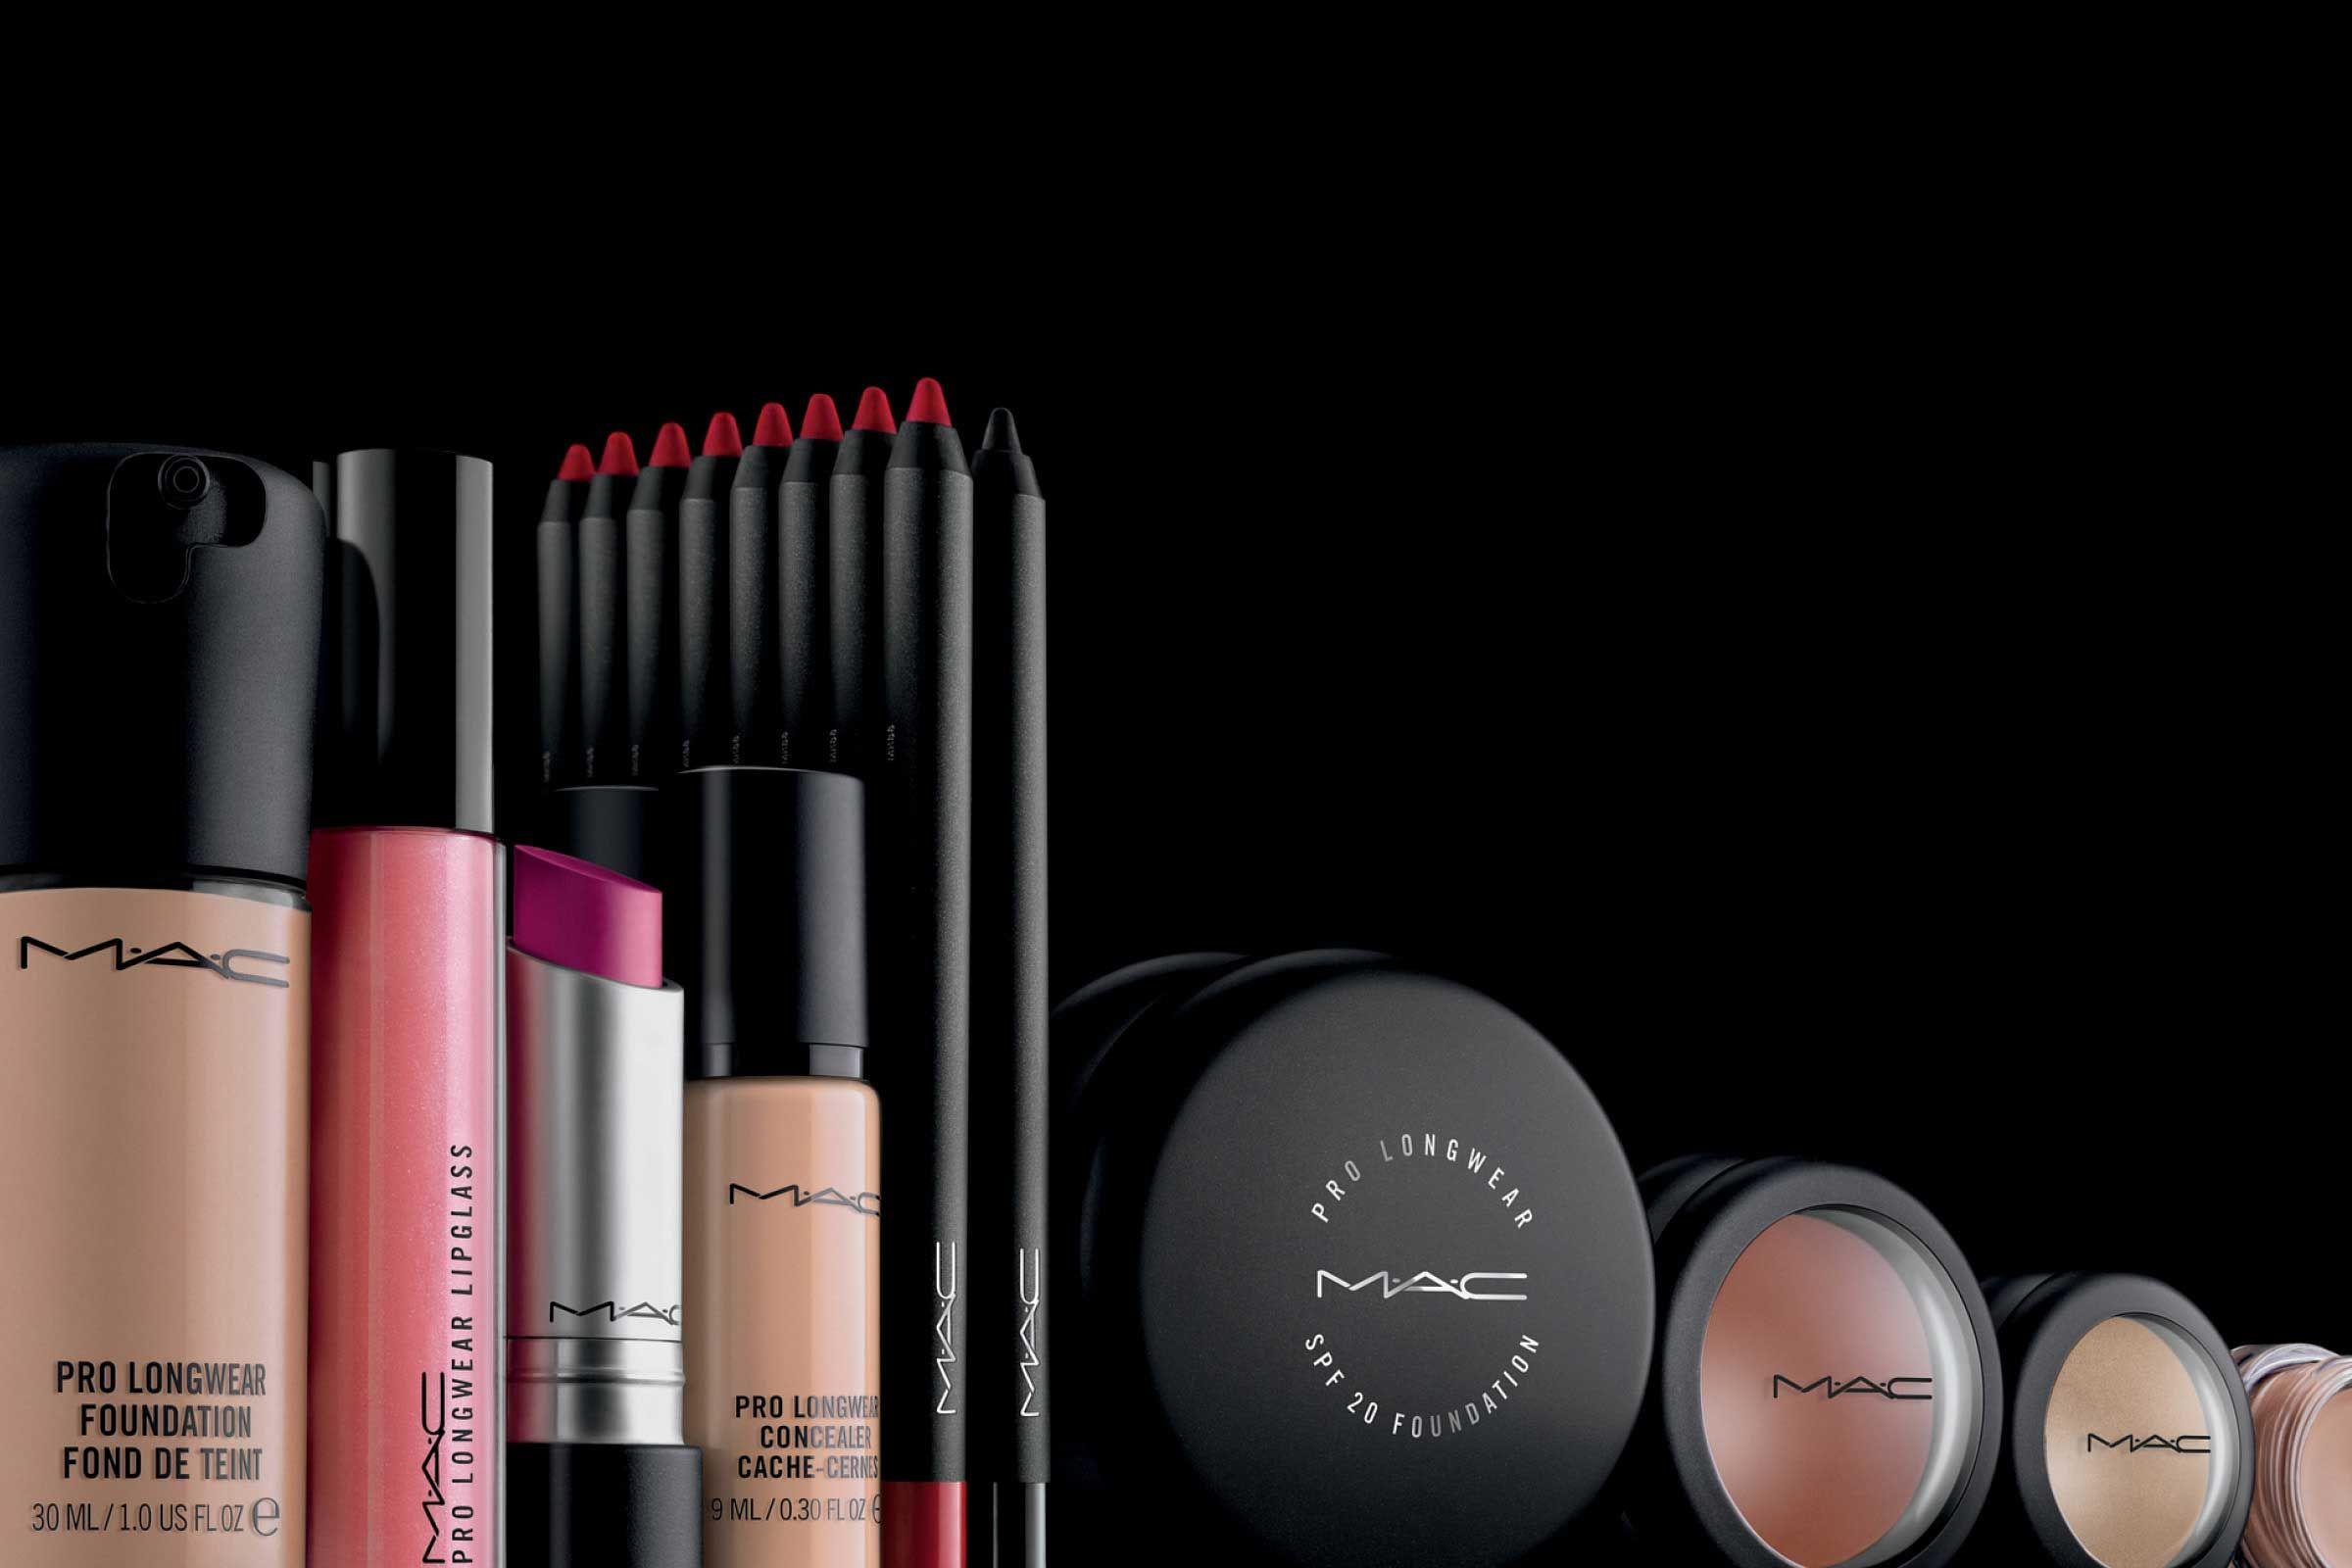 Pro Longwear Makeup brands, Best cosmetic brands, Mac